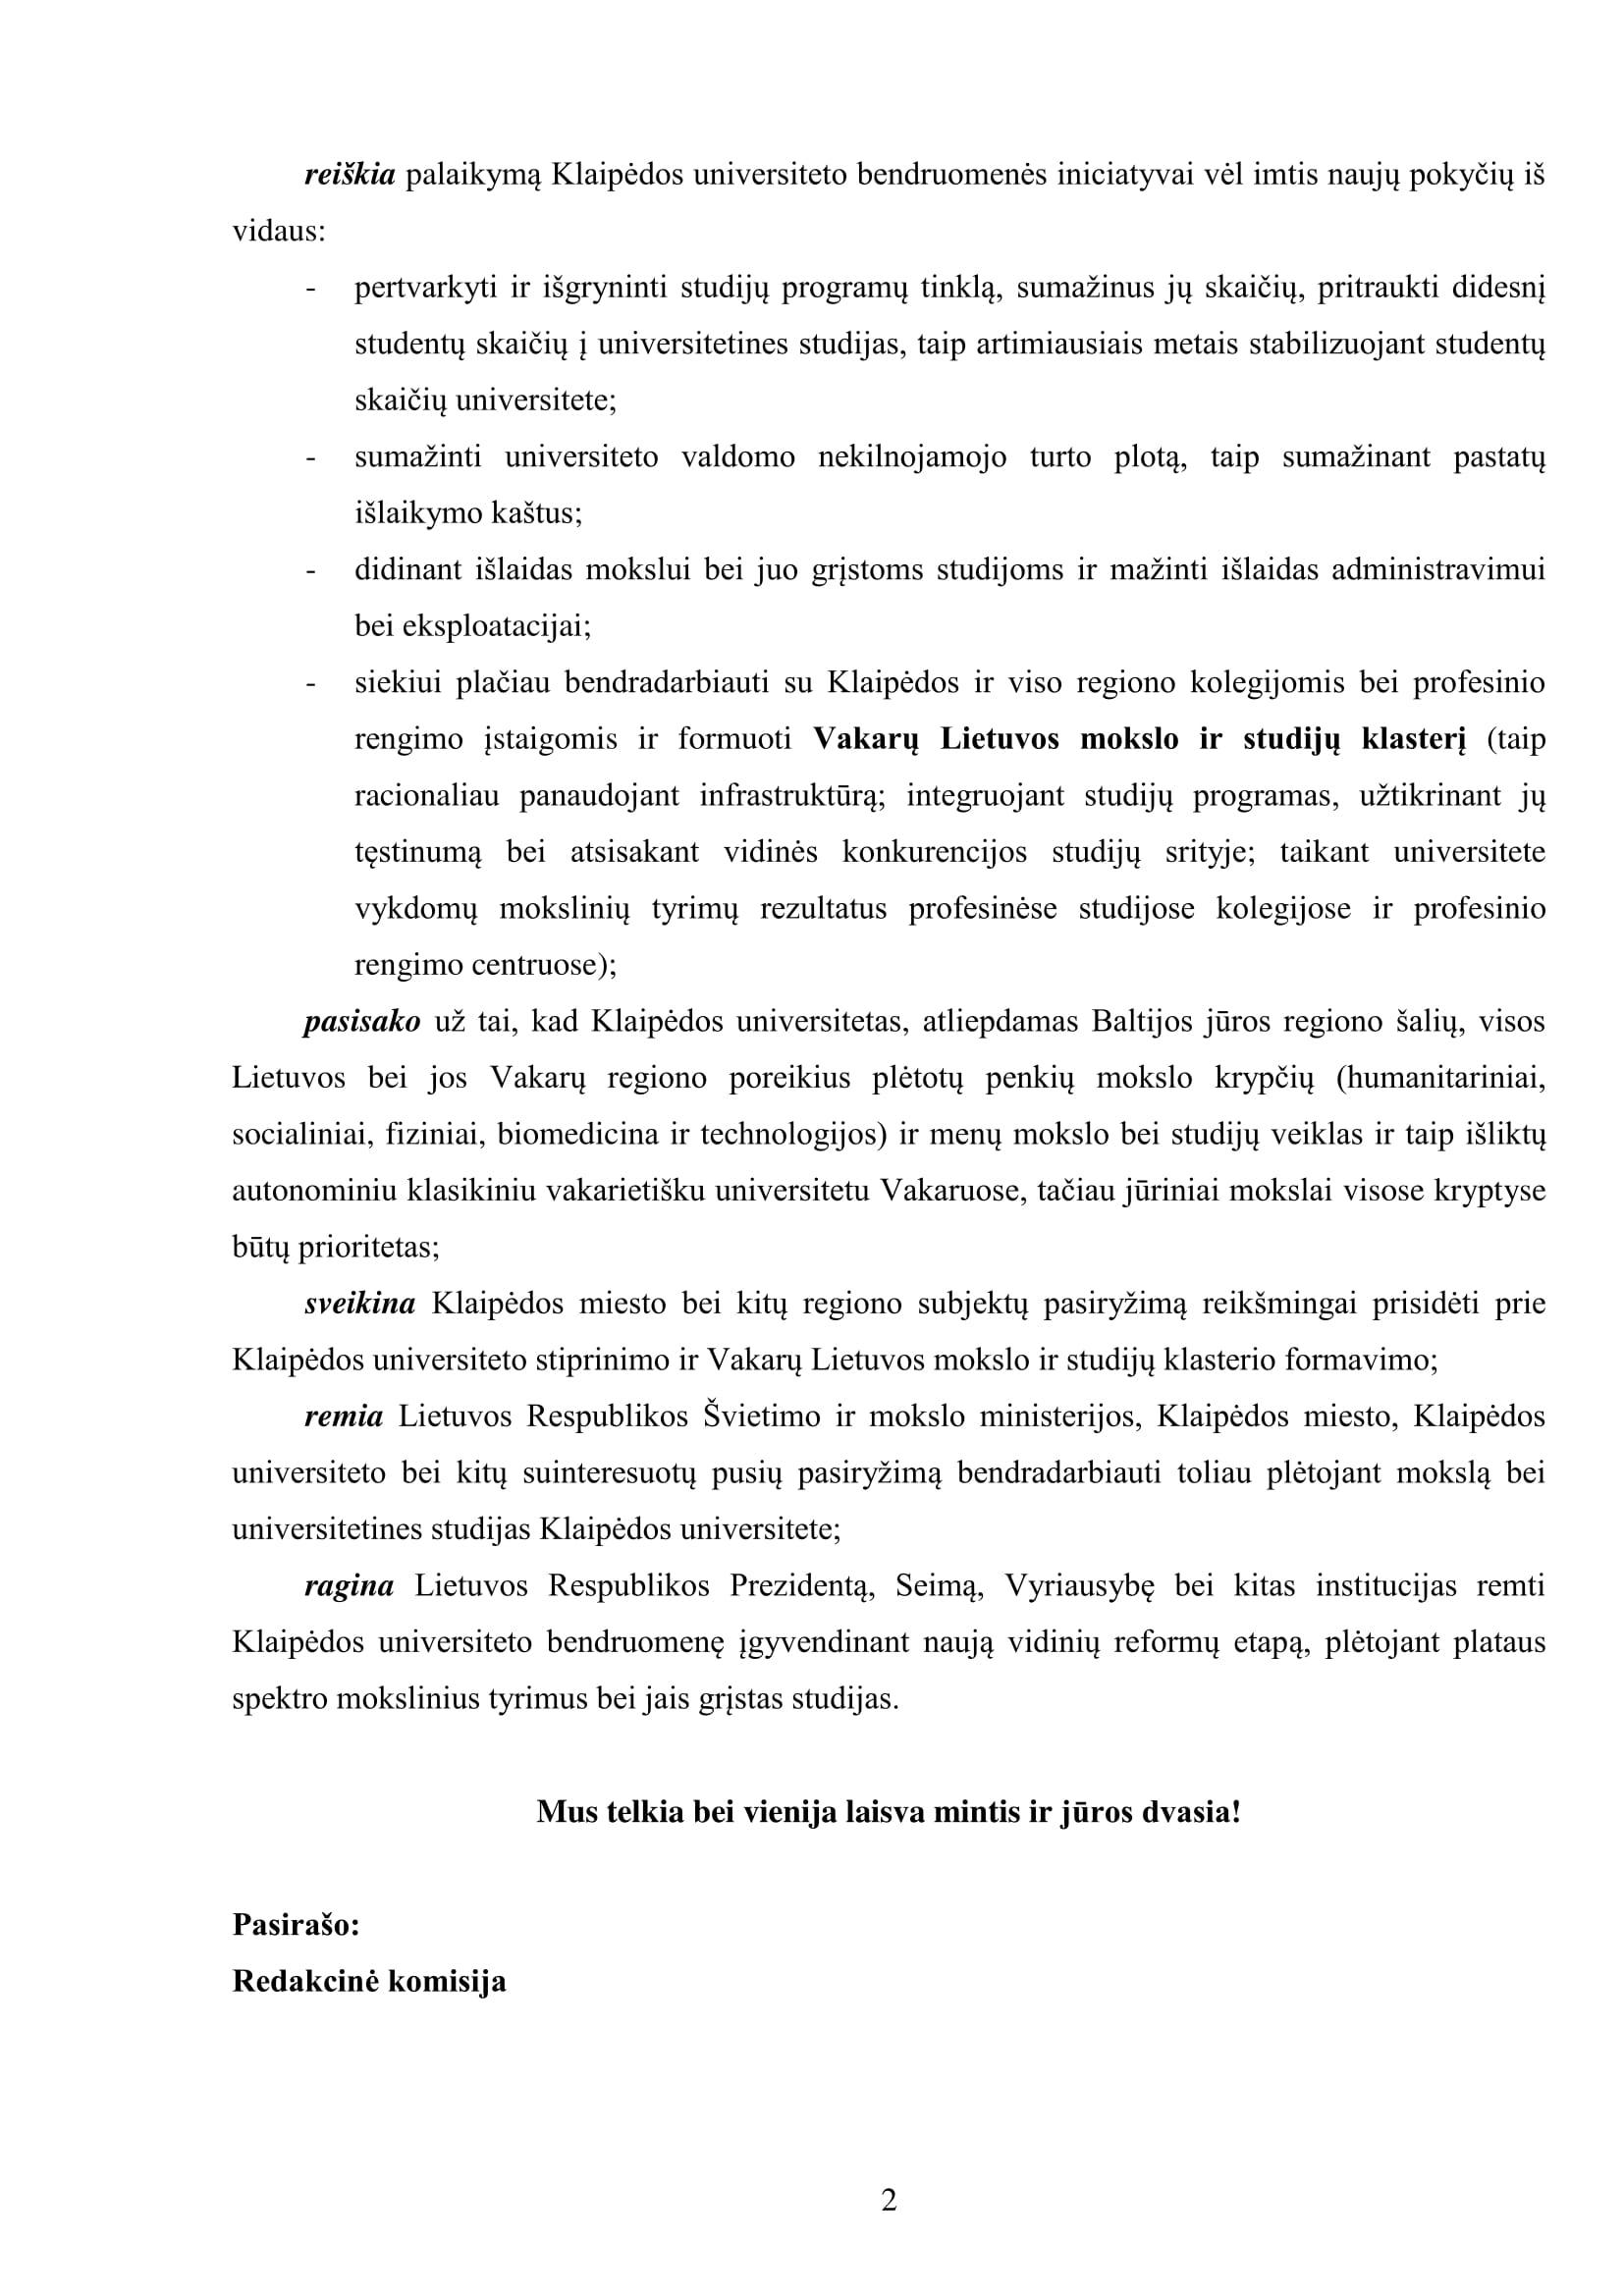 REZOLIUCIJA-2